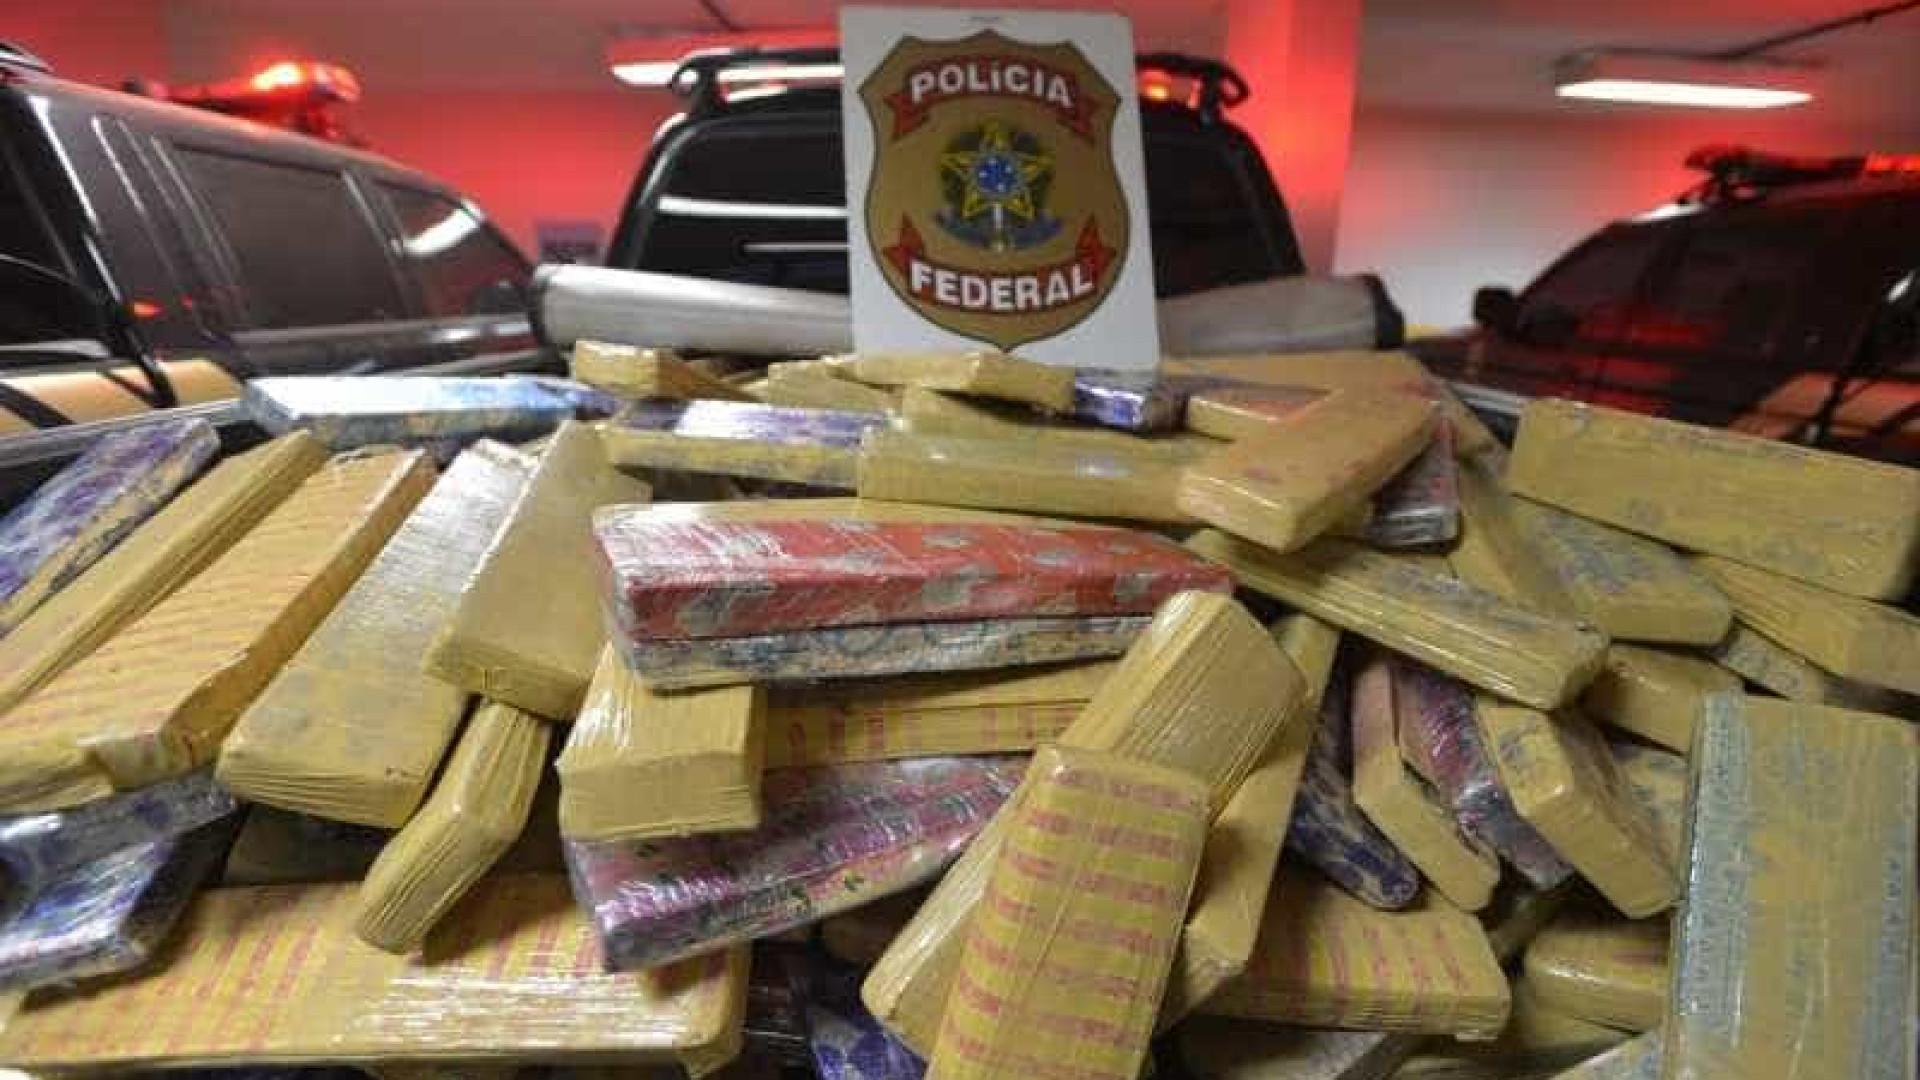 Polícia Federal apreende 5 toneladas de maconha em Goiás